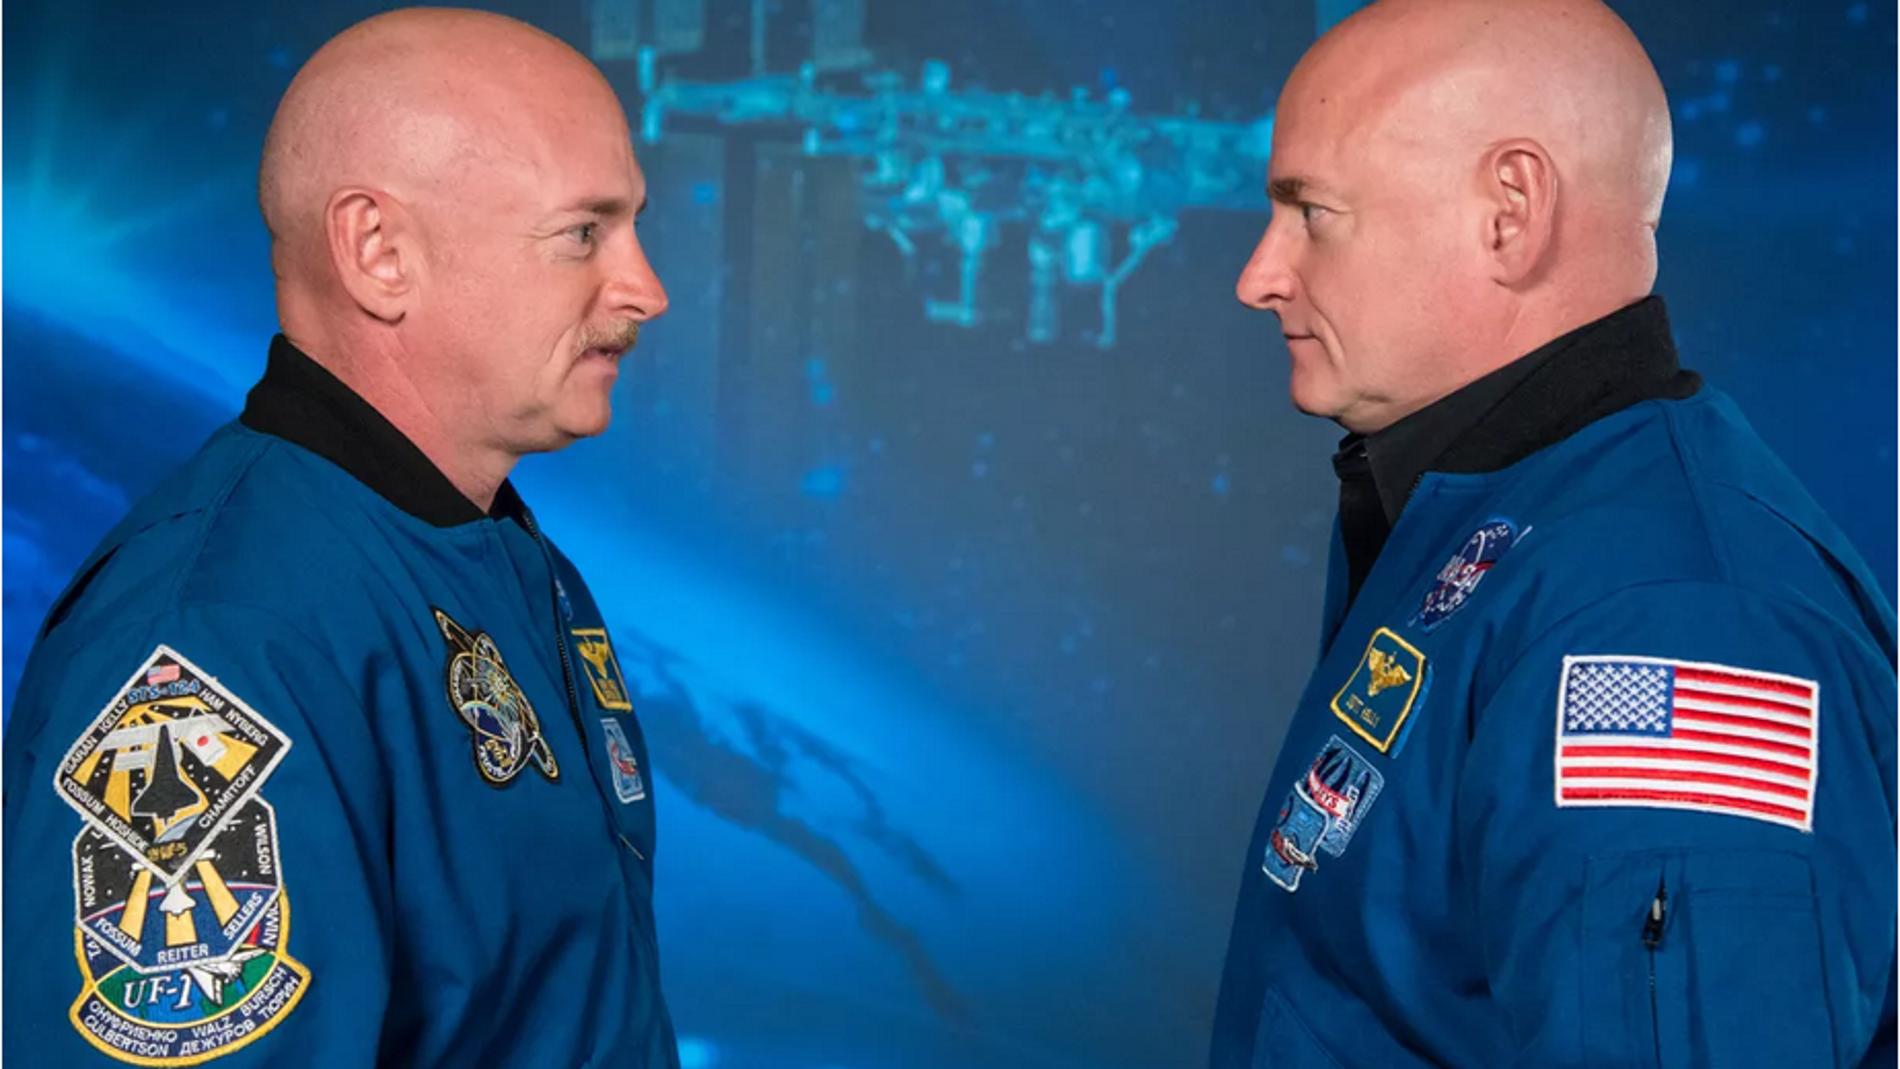 Scott Kelly abordo de la Estación Espacial Internacional